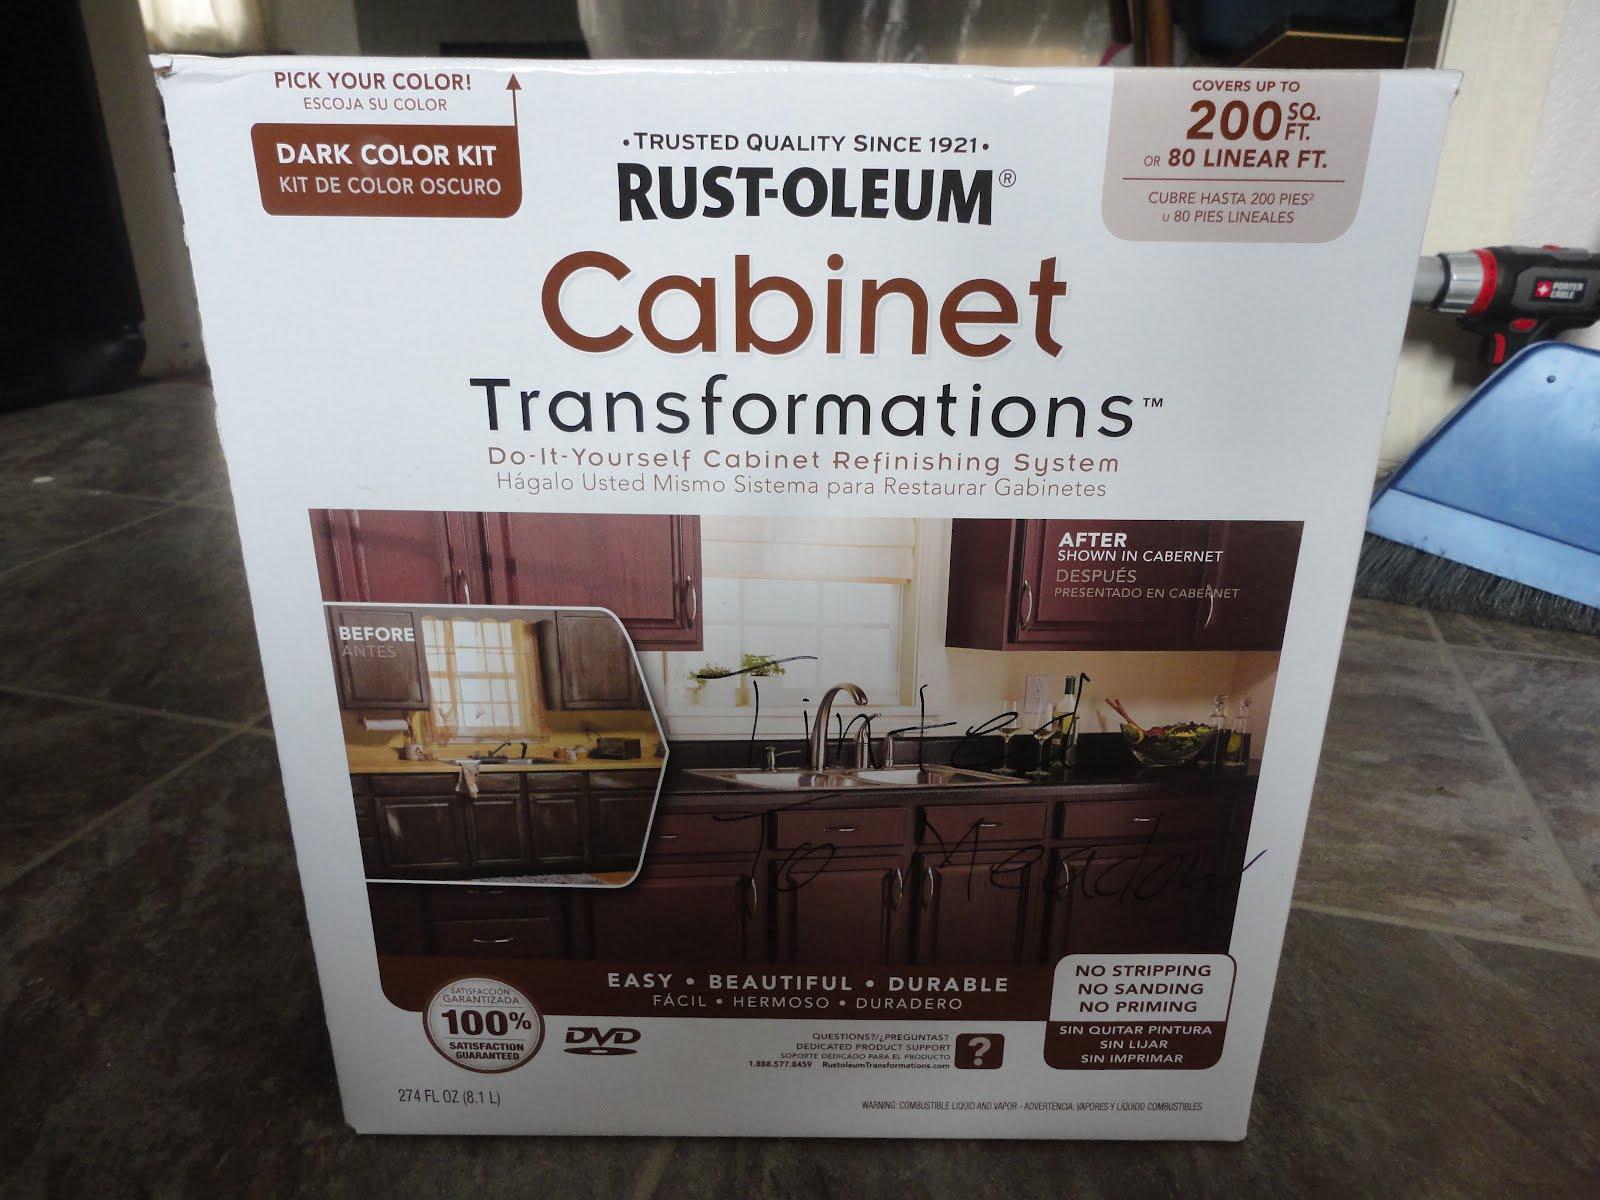 Craftsman 1204 rustoleum cabinet transformations kitchen reno